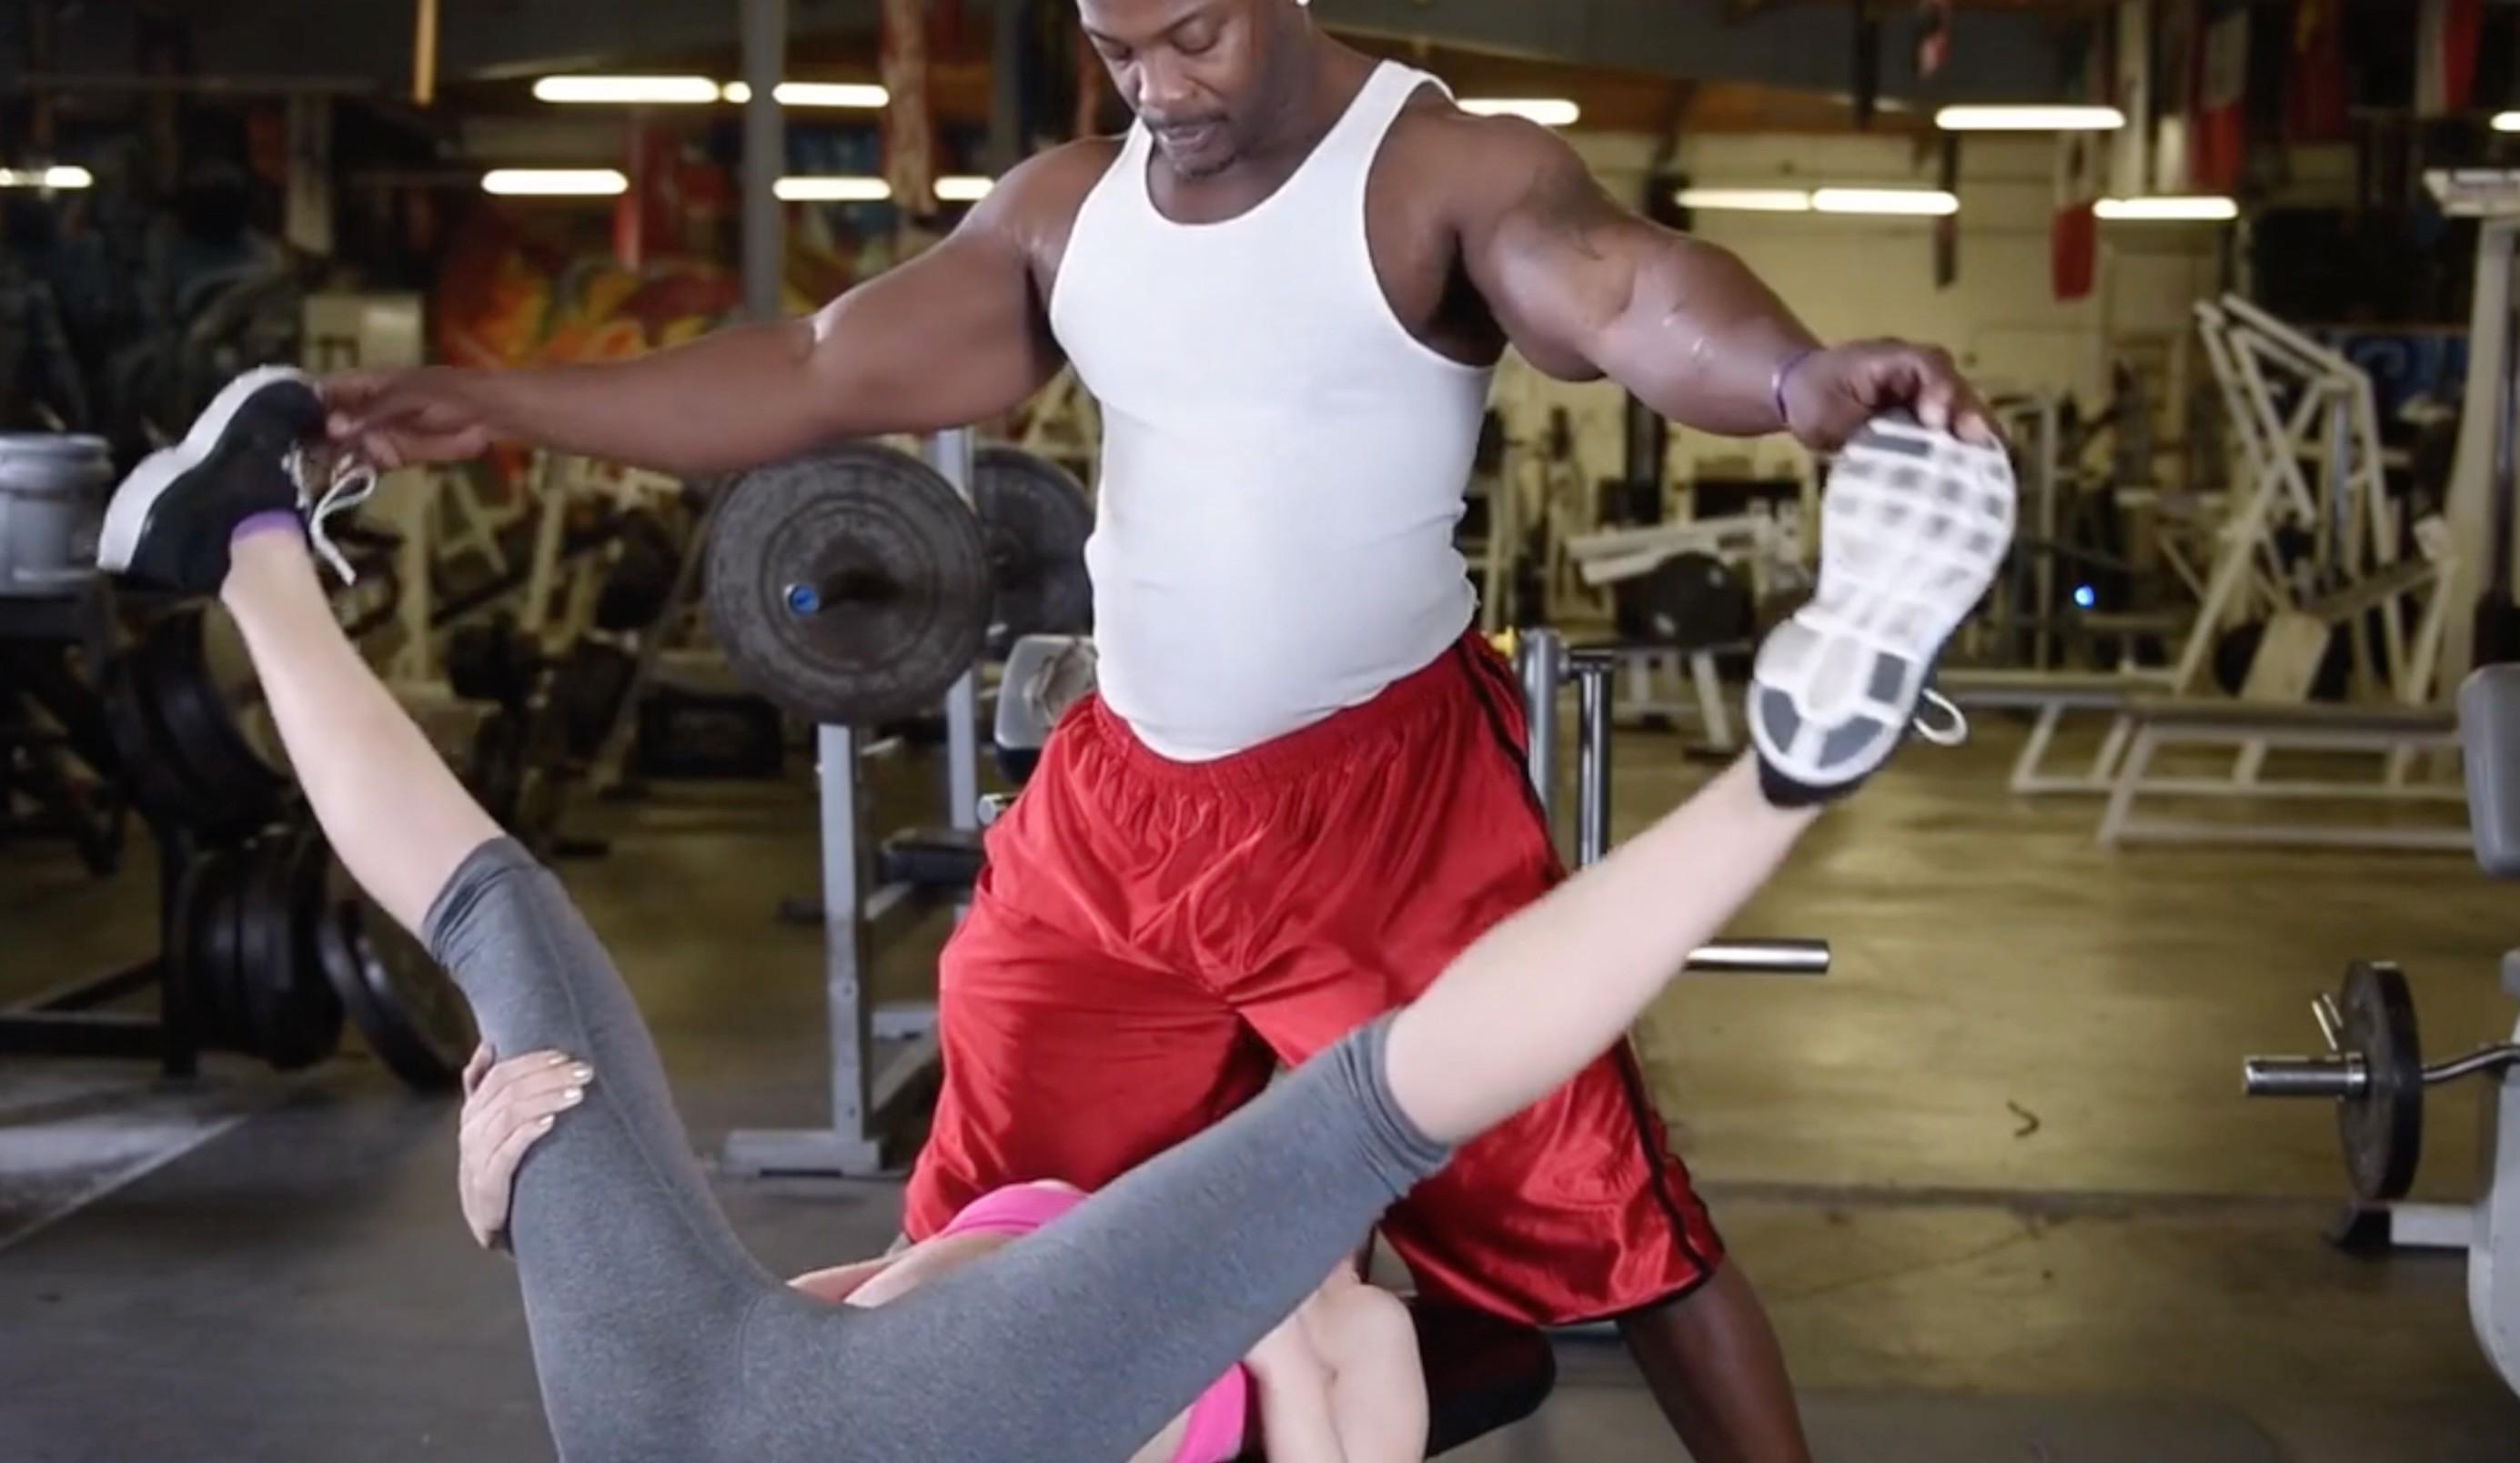 смешные фото из фитнес клуба всего, отдых абхазии